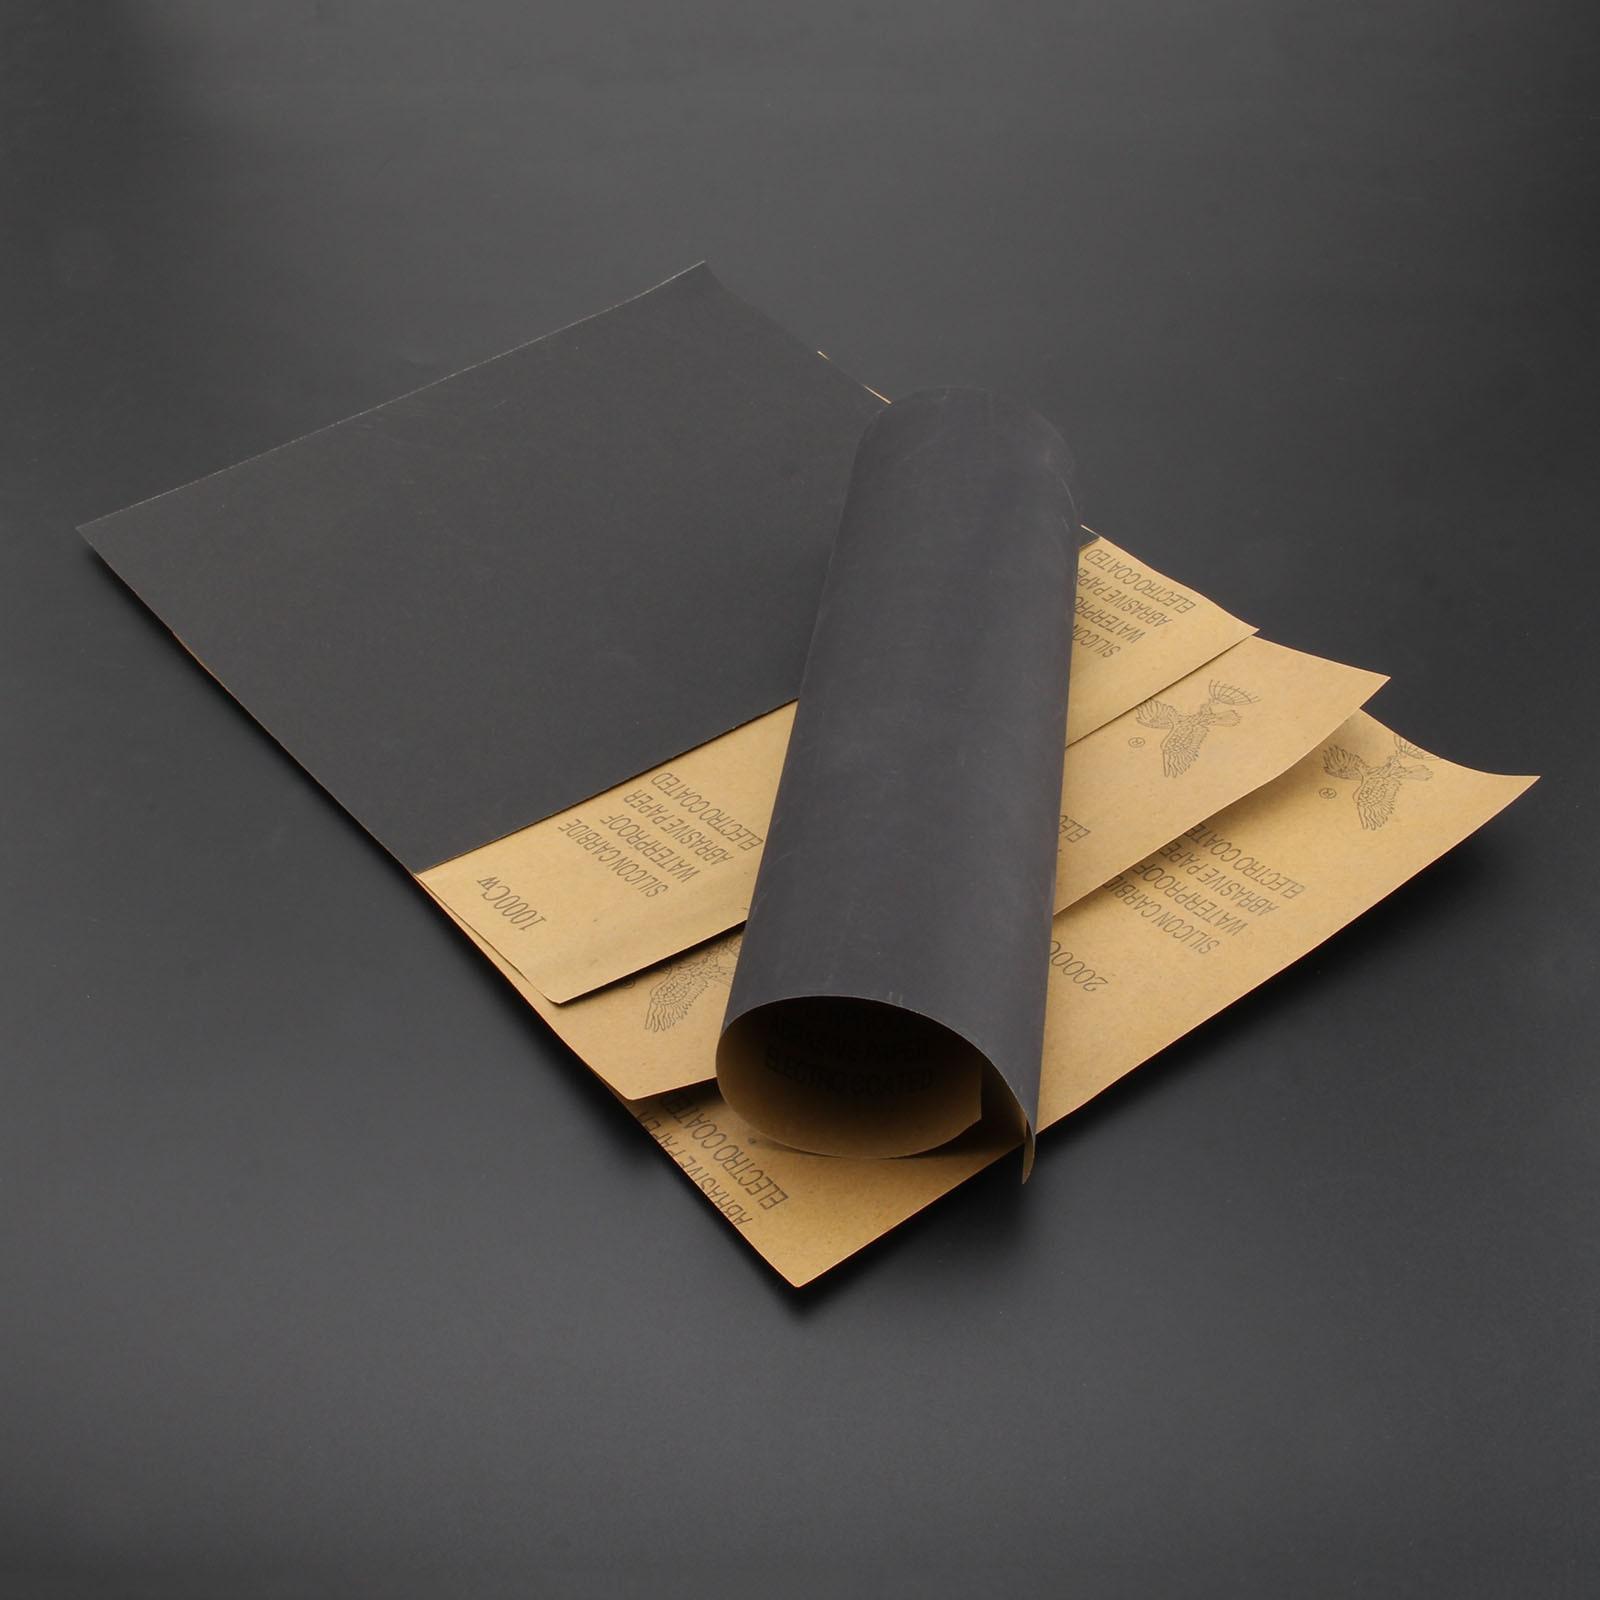 DRELD 5 vellen schuurpapier Waterdicht schuurpapier Schuurpapier - Schurende gereedschappen - Foto 3